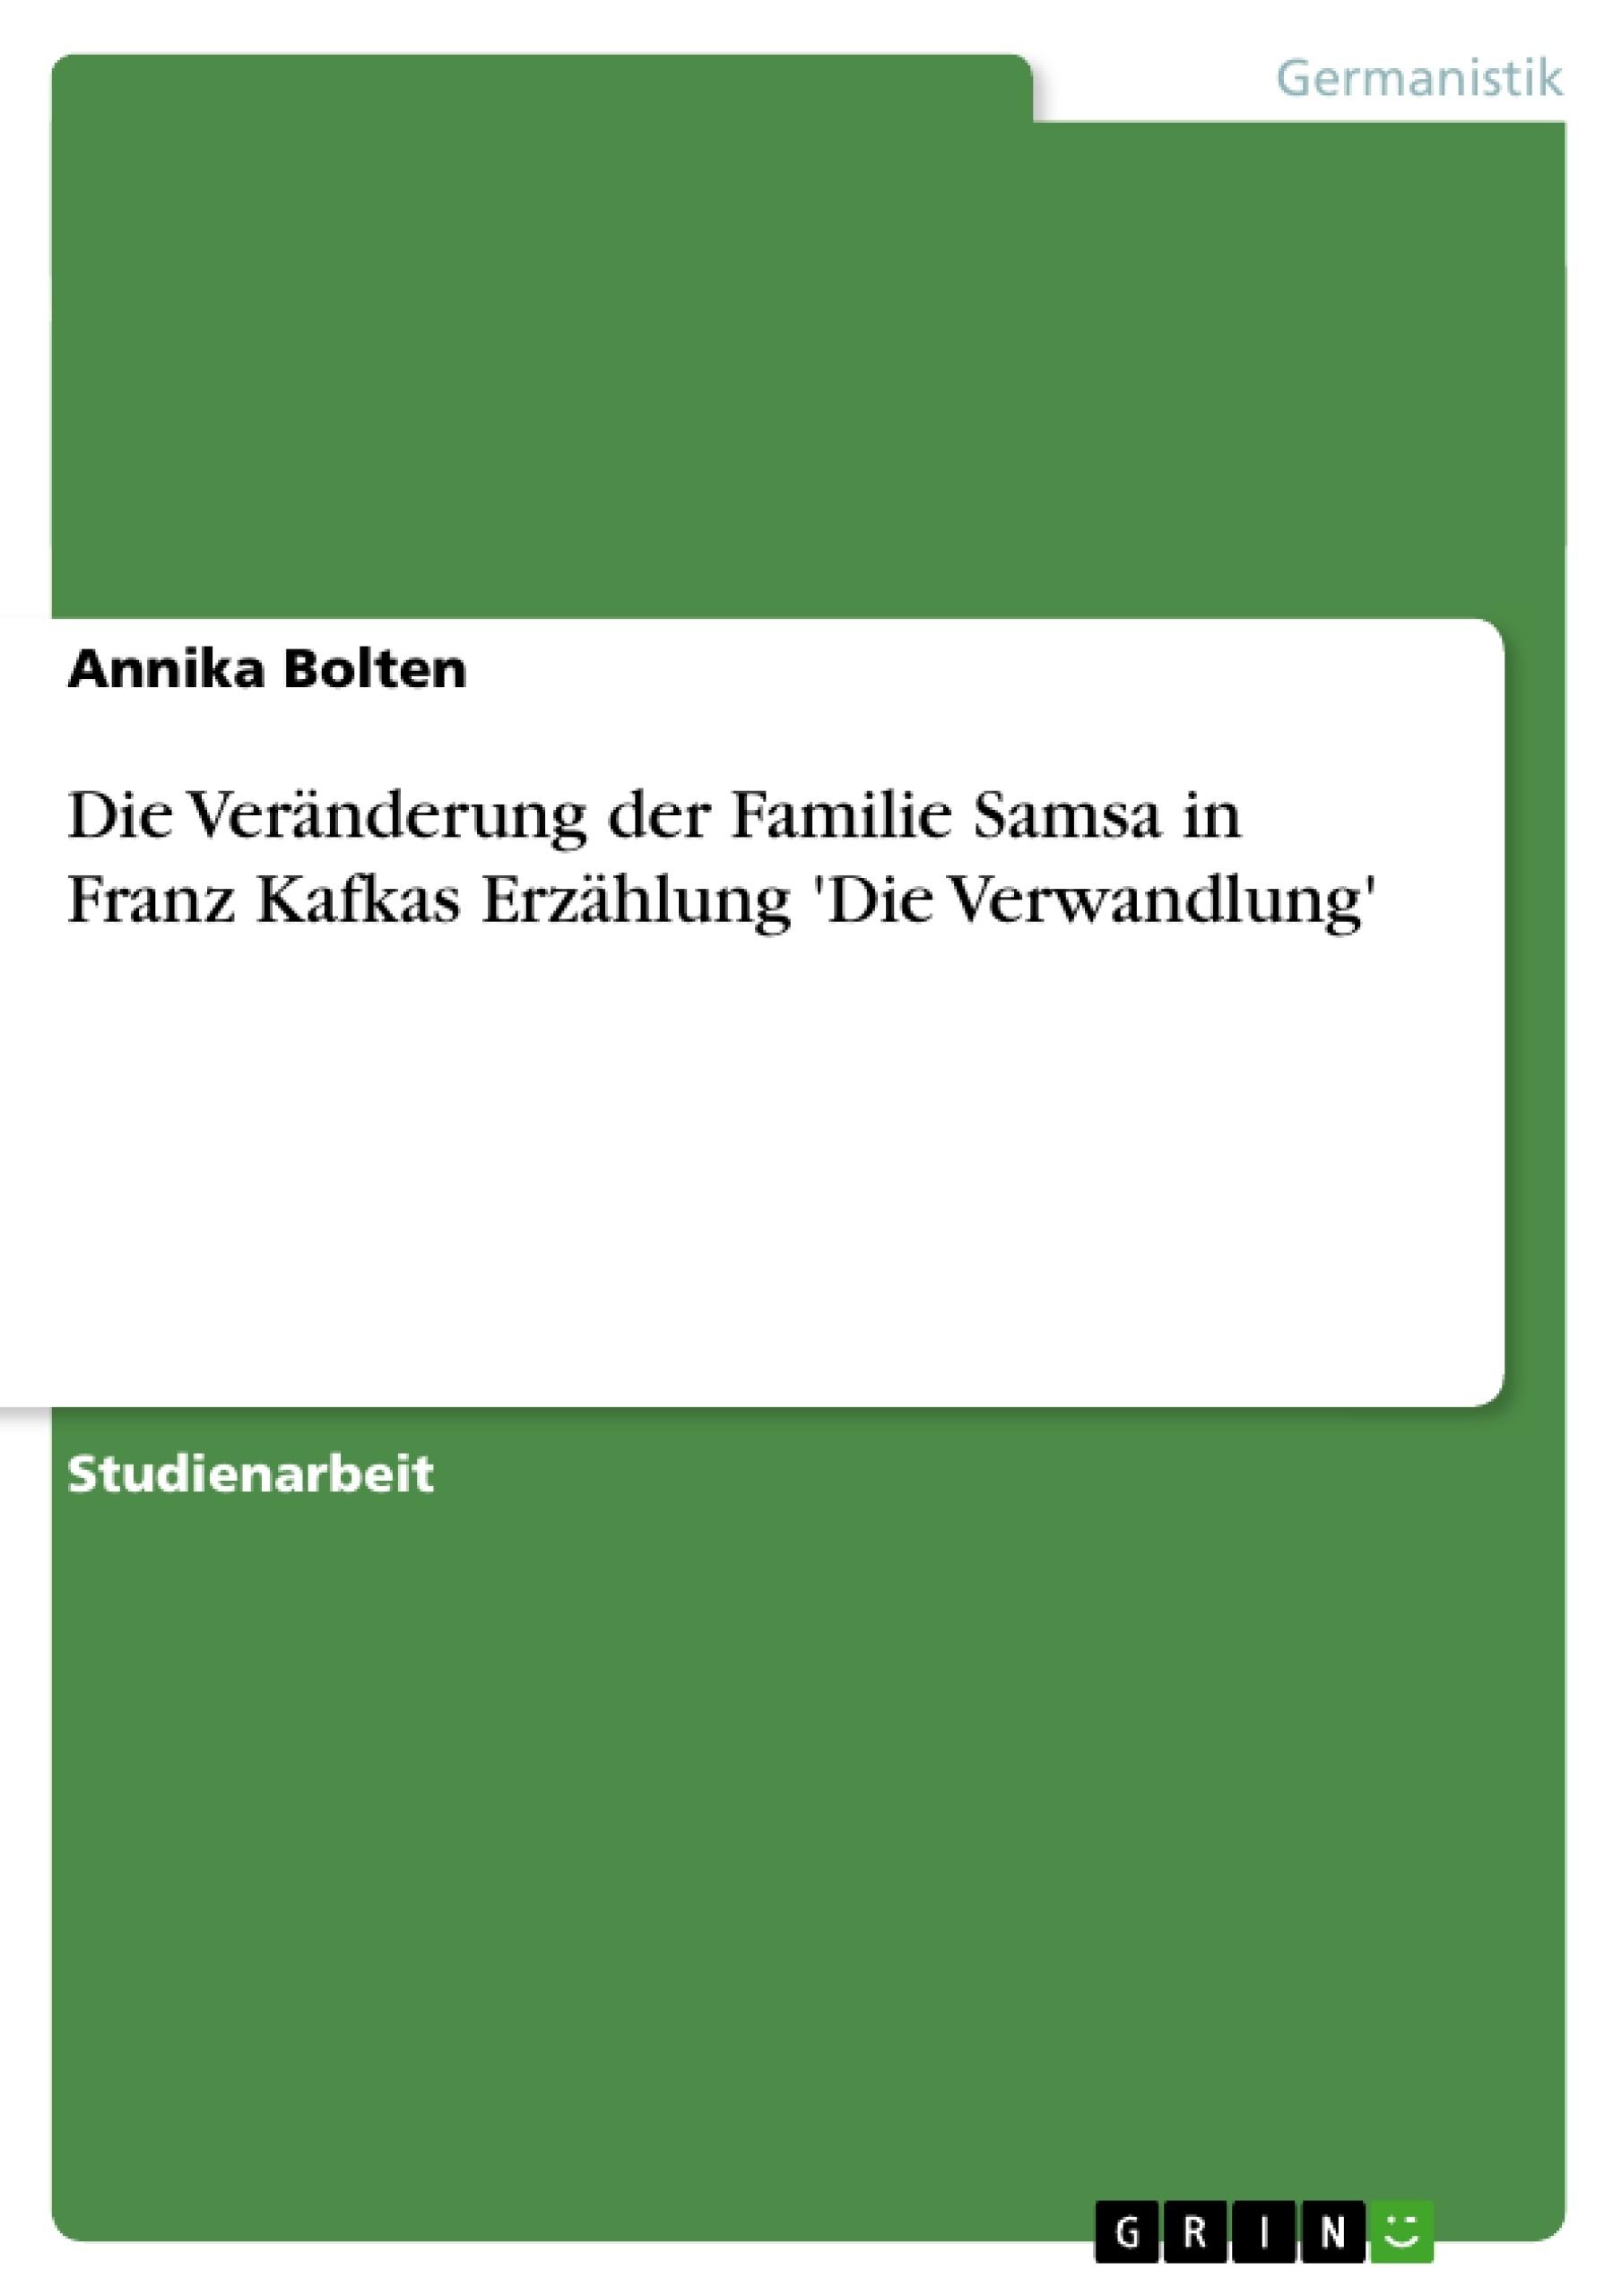 Titel: Die Veränderung der Familie Samsa in Franz Kafkas Erzählung 'Die Verwandlung'